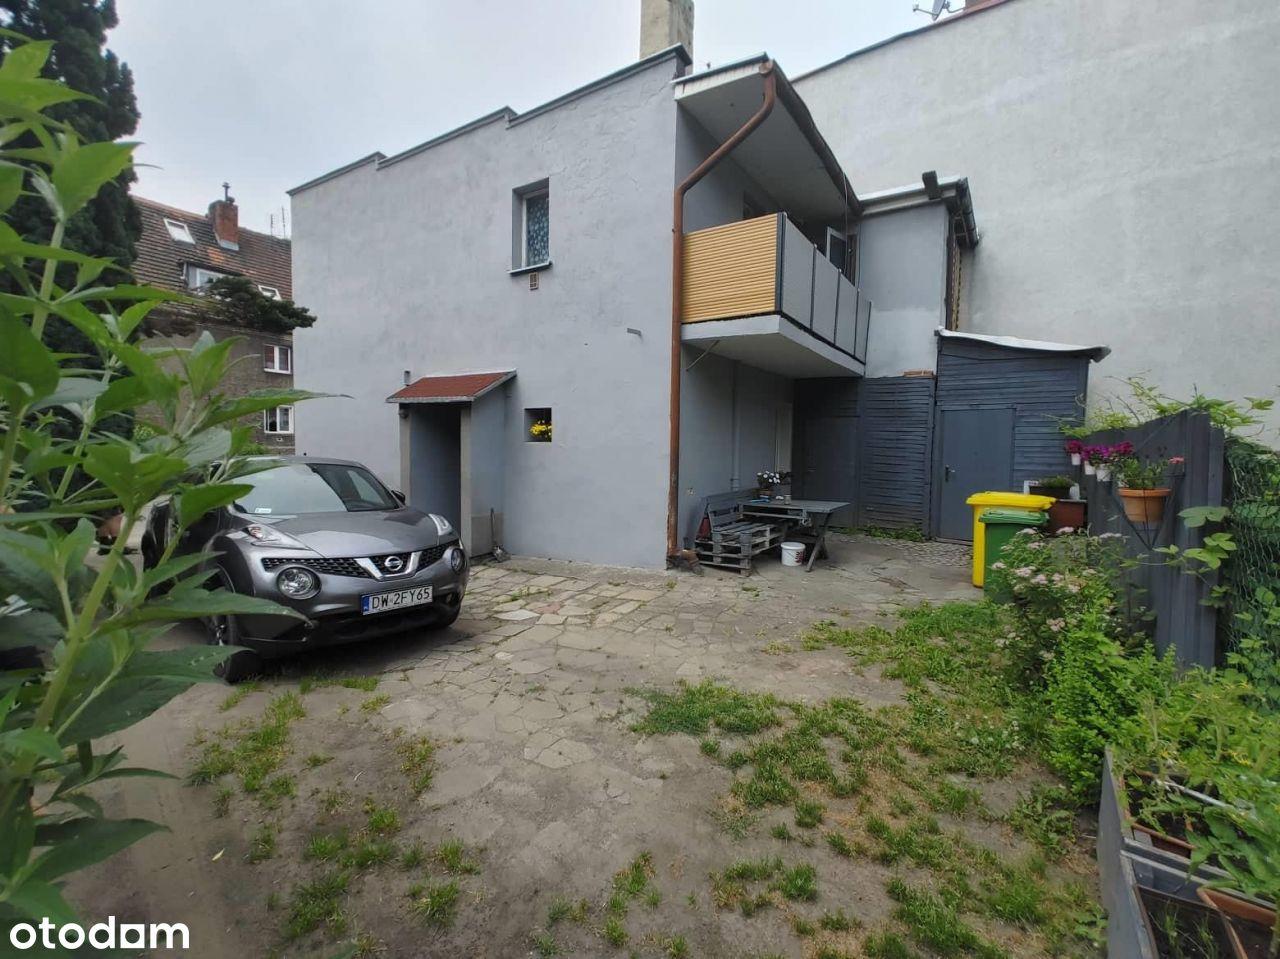 Dom lub 2 mieszkania lub obiekt handlowo-usługowy!